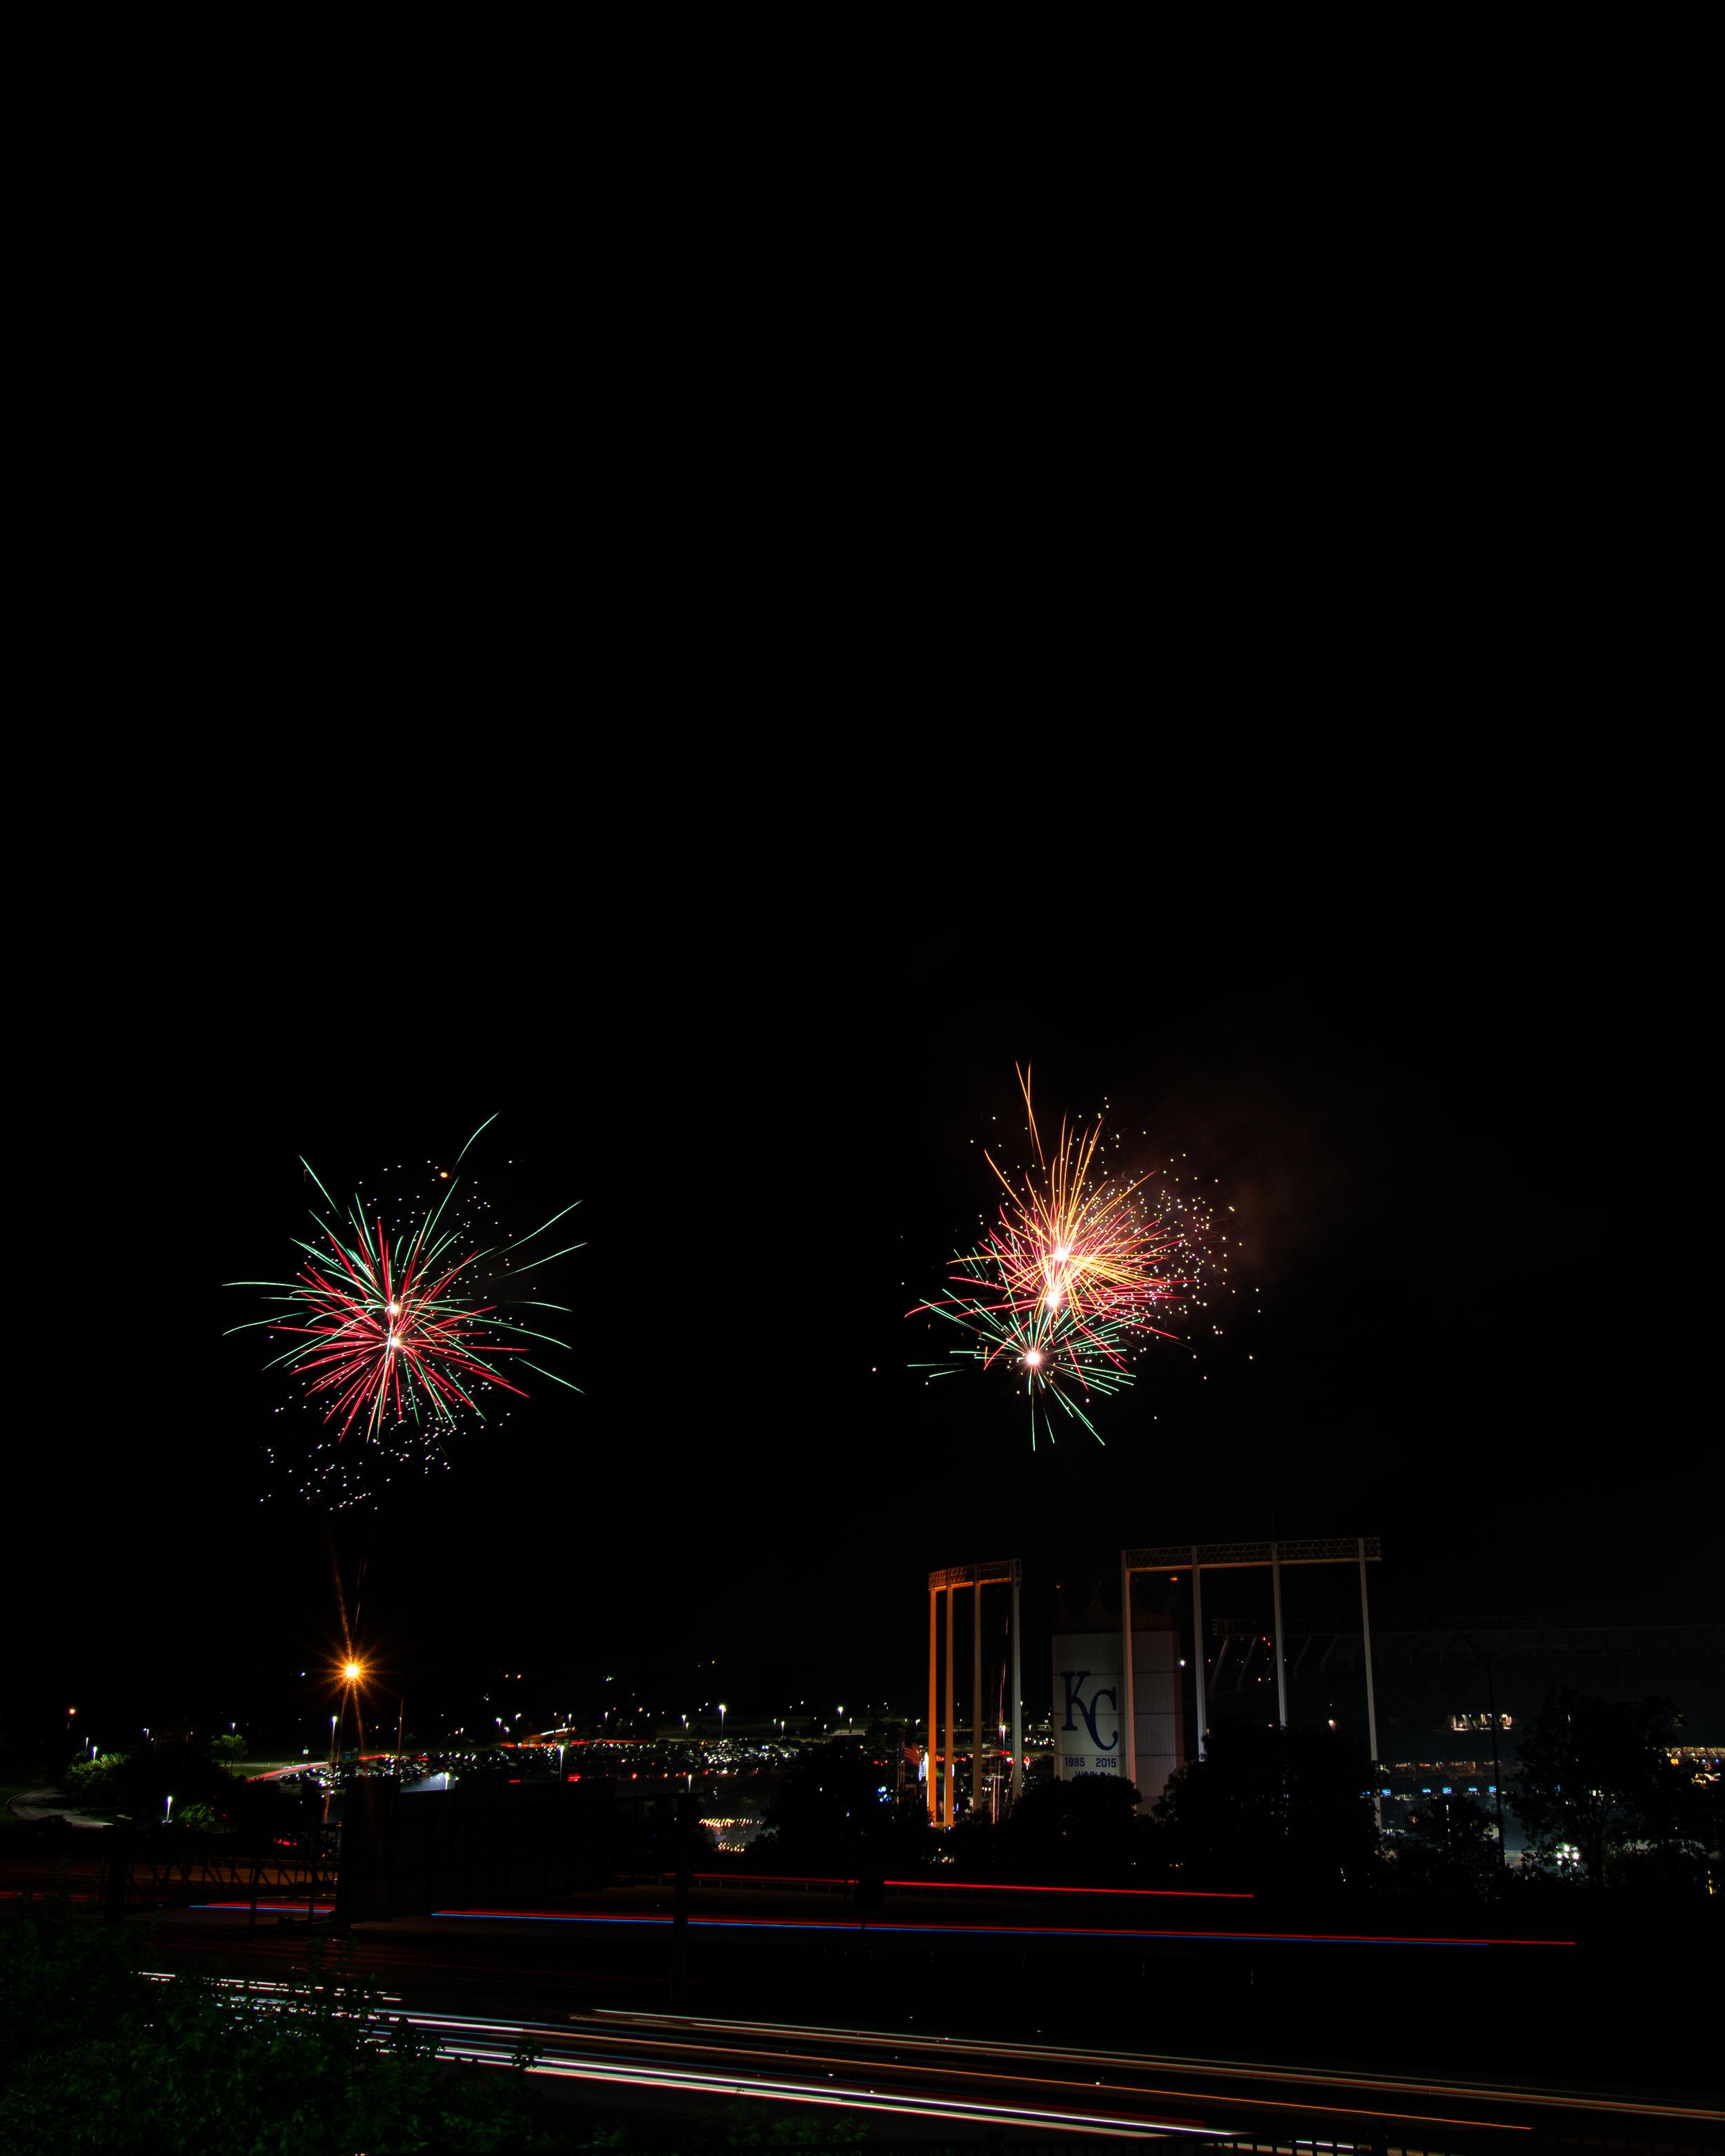 firework-friday-46-of-51_48108276056_o.jpg